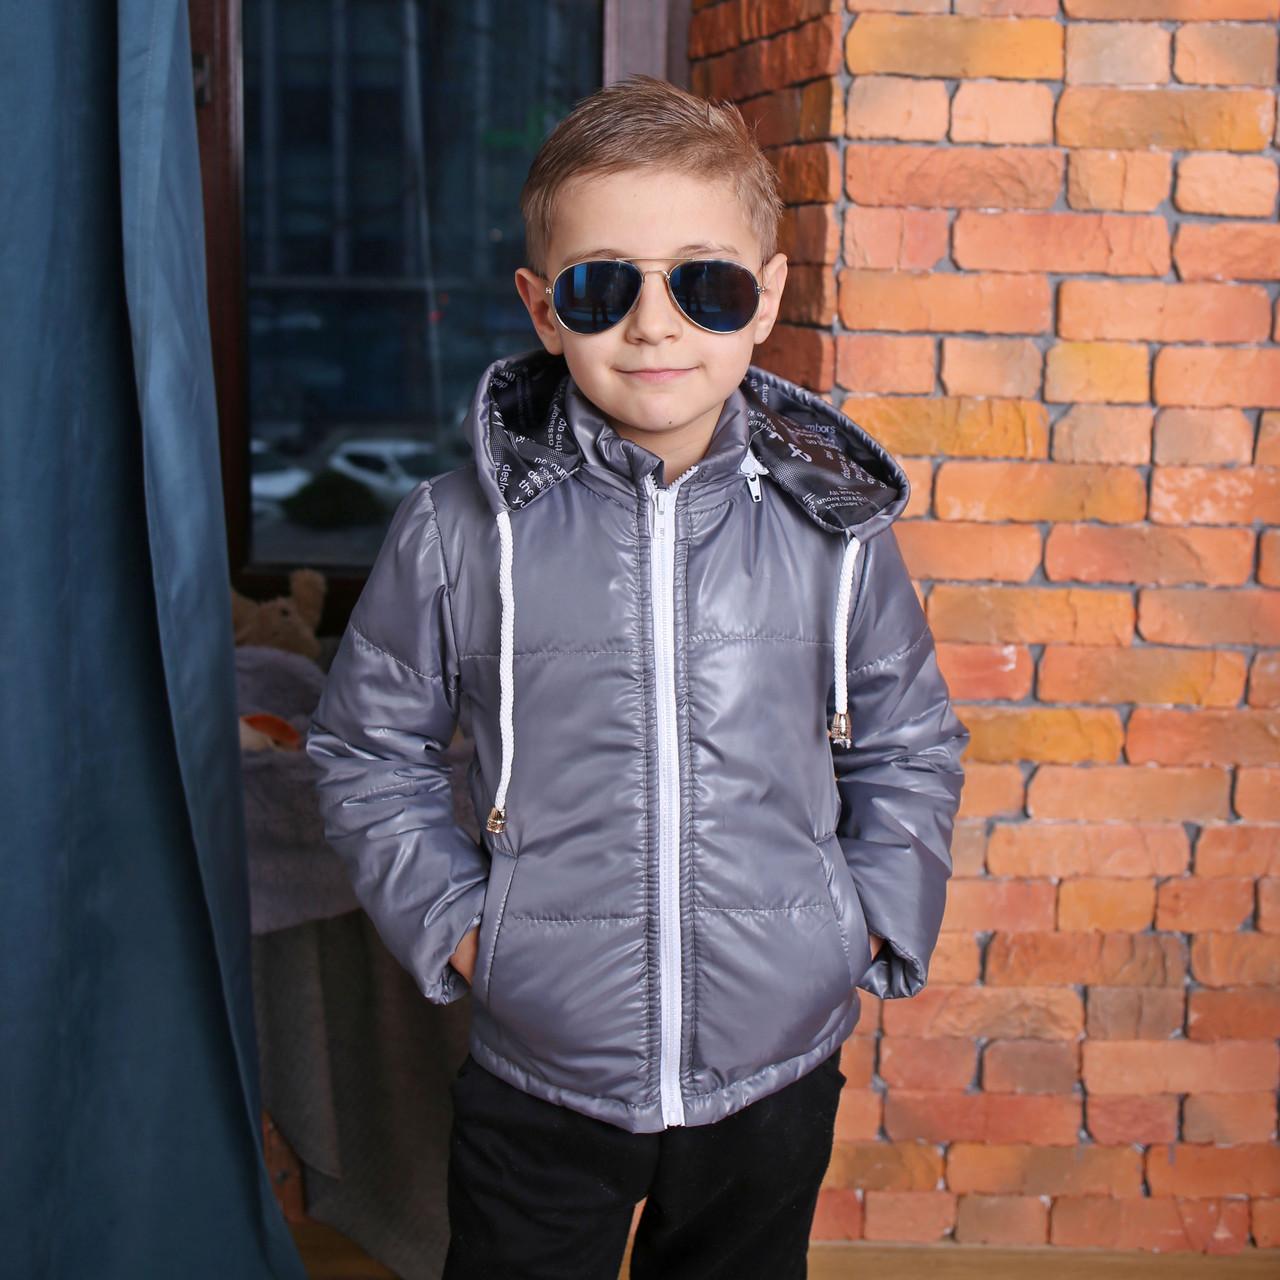 Весна – Осень Демисезонная Куртка для мальчика с капюшоном Куртка на мальчика Новинка 2019 Топ продаж